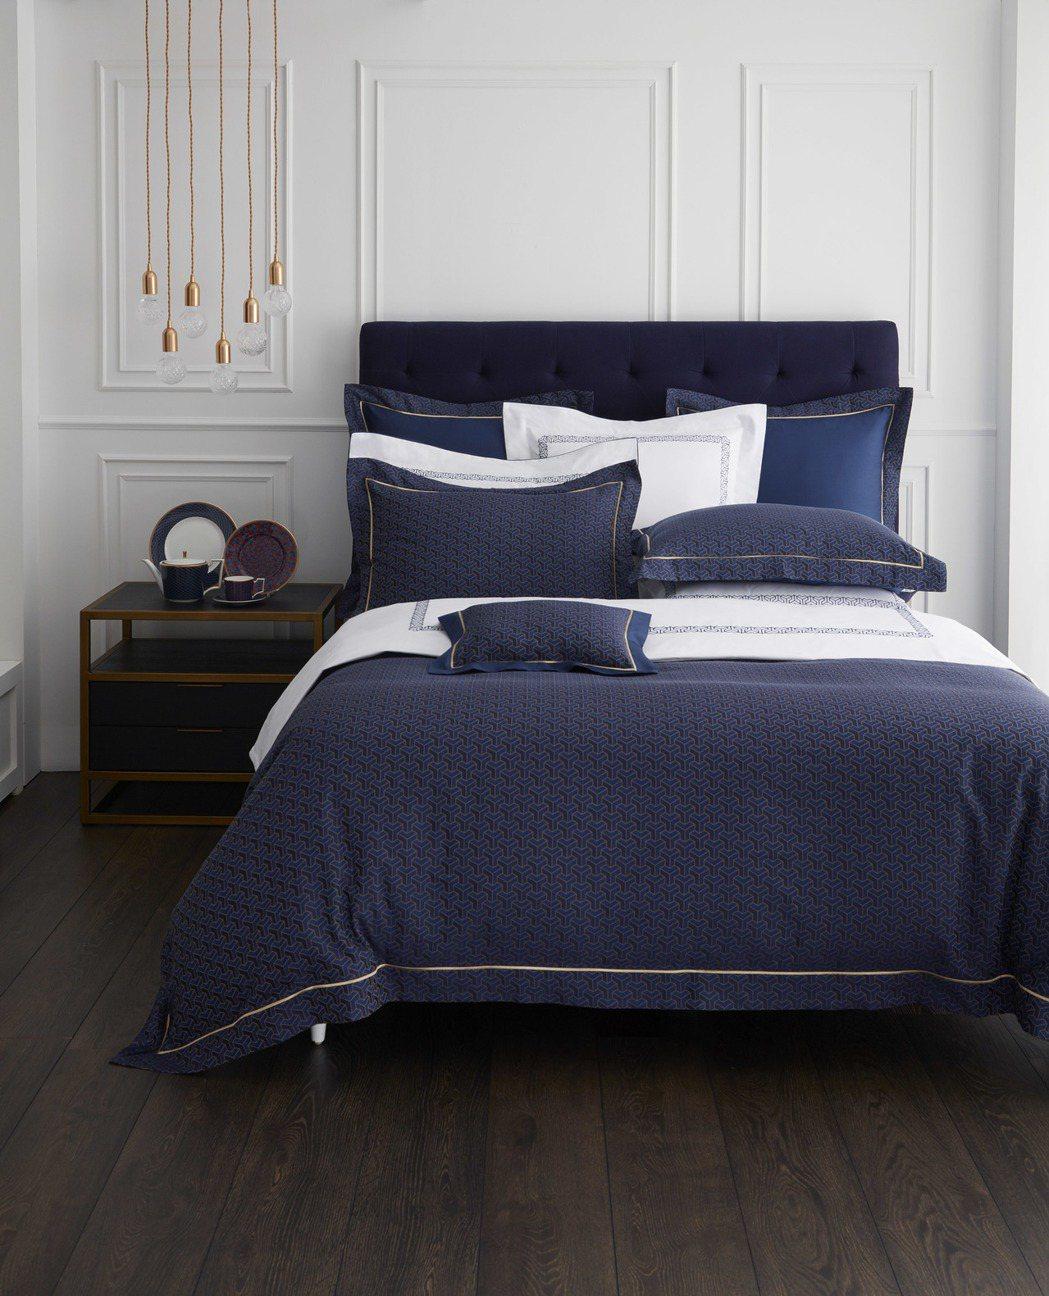 拜占庭緹花床組+同款刺繡床組。圖/Wedgwood提供